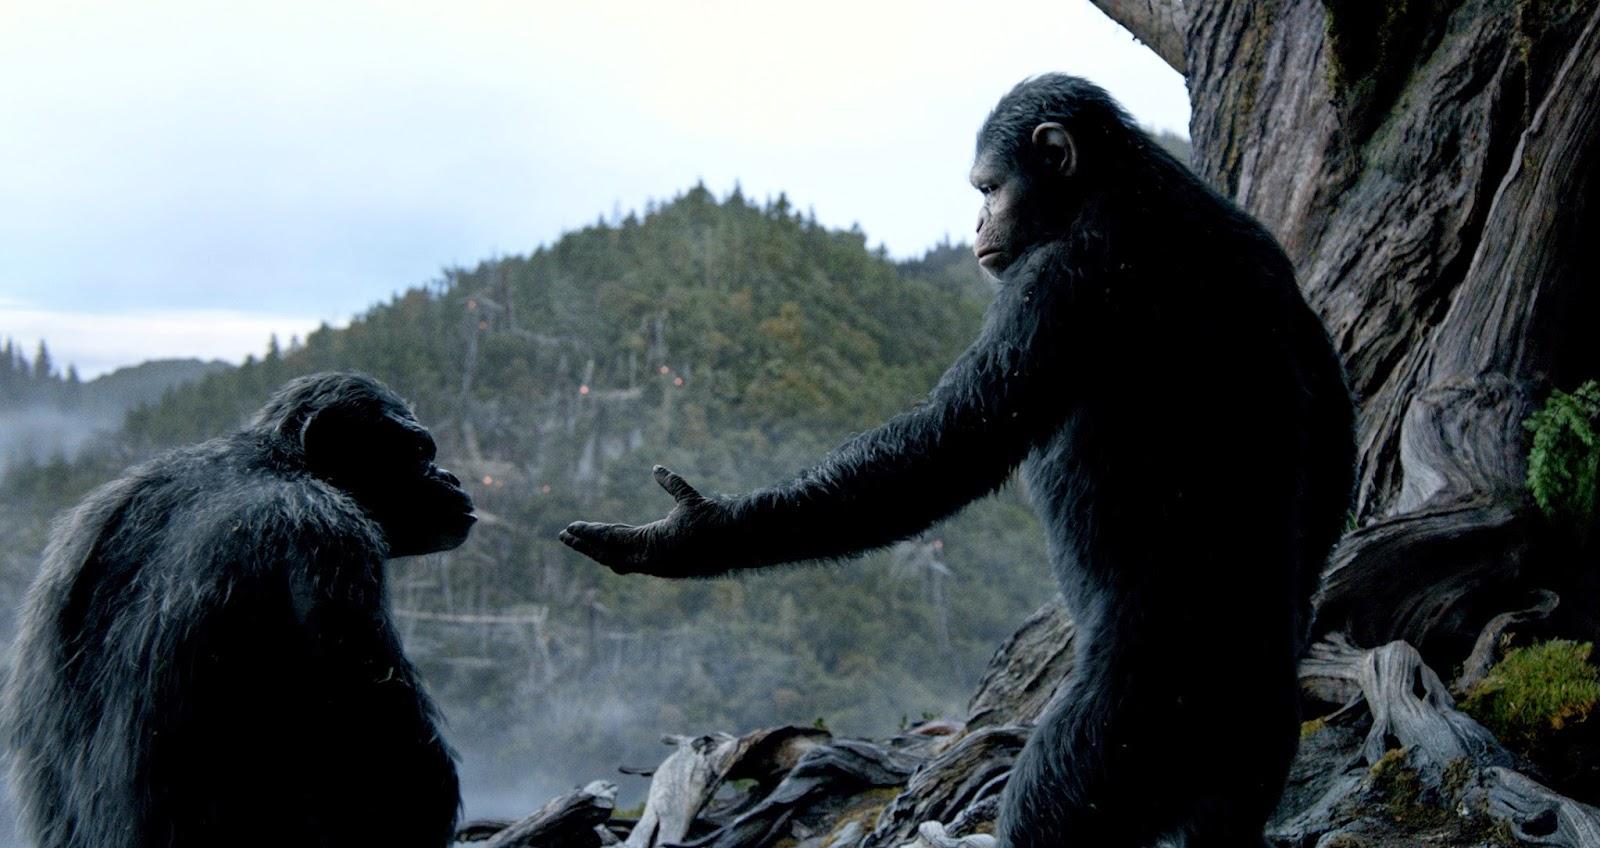 ดูหนัง-Dawn-of-the-Planet-of-the-Apes-รุ่งอรุณแห่งอาณาจักรพิภพวานร